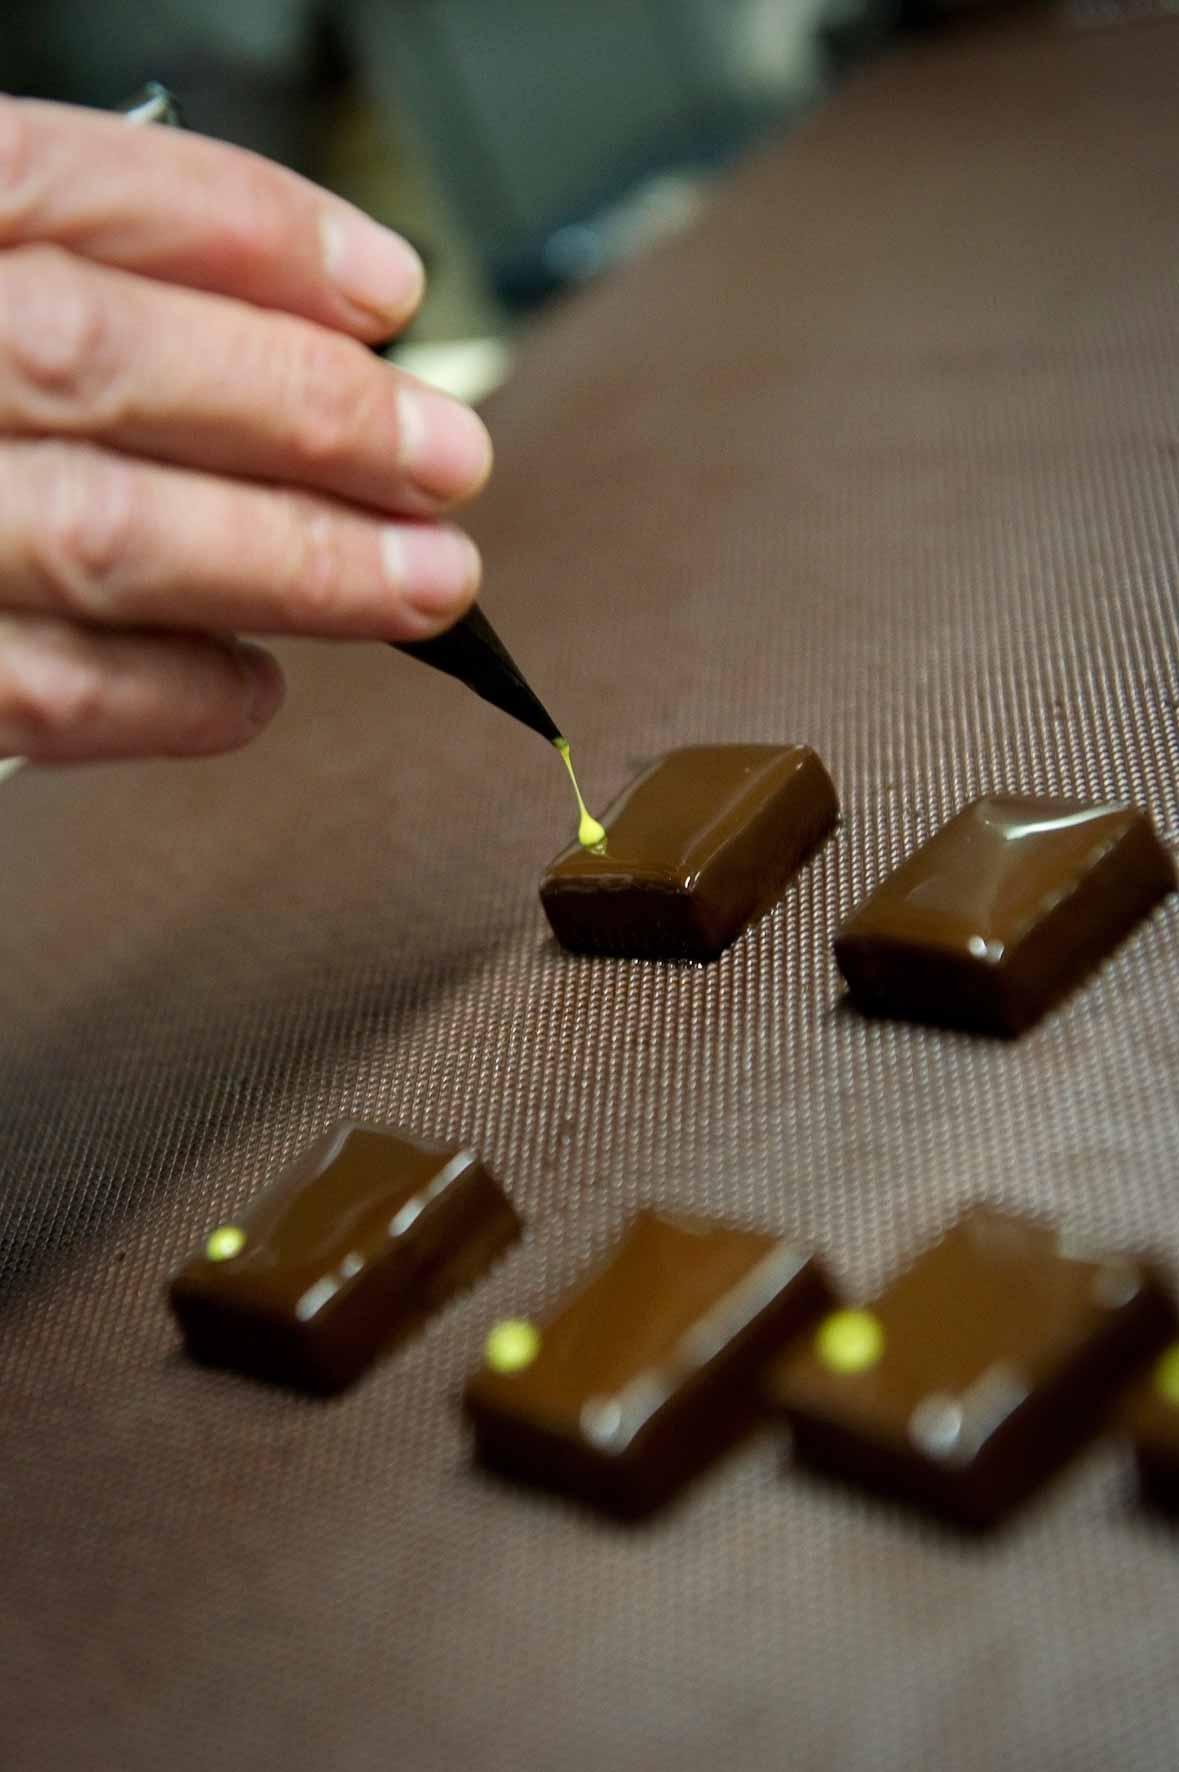 décor chocolat à la main